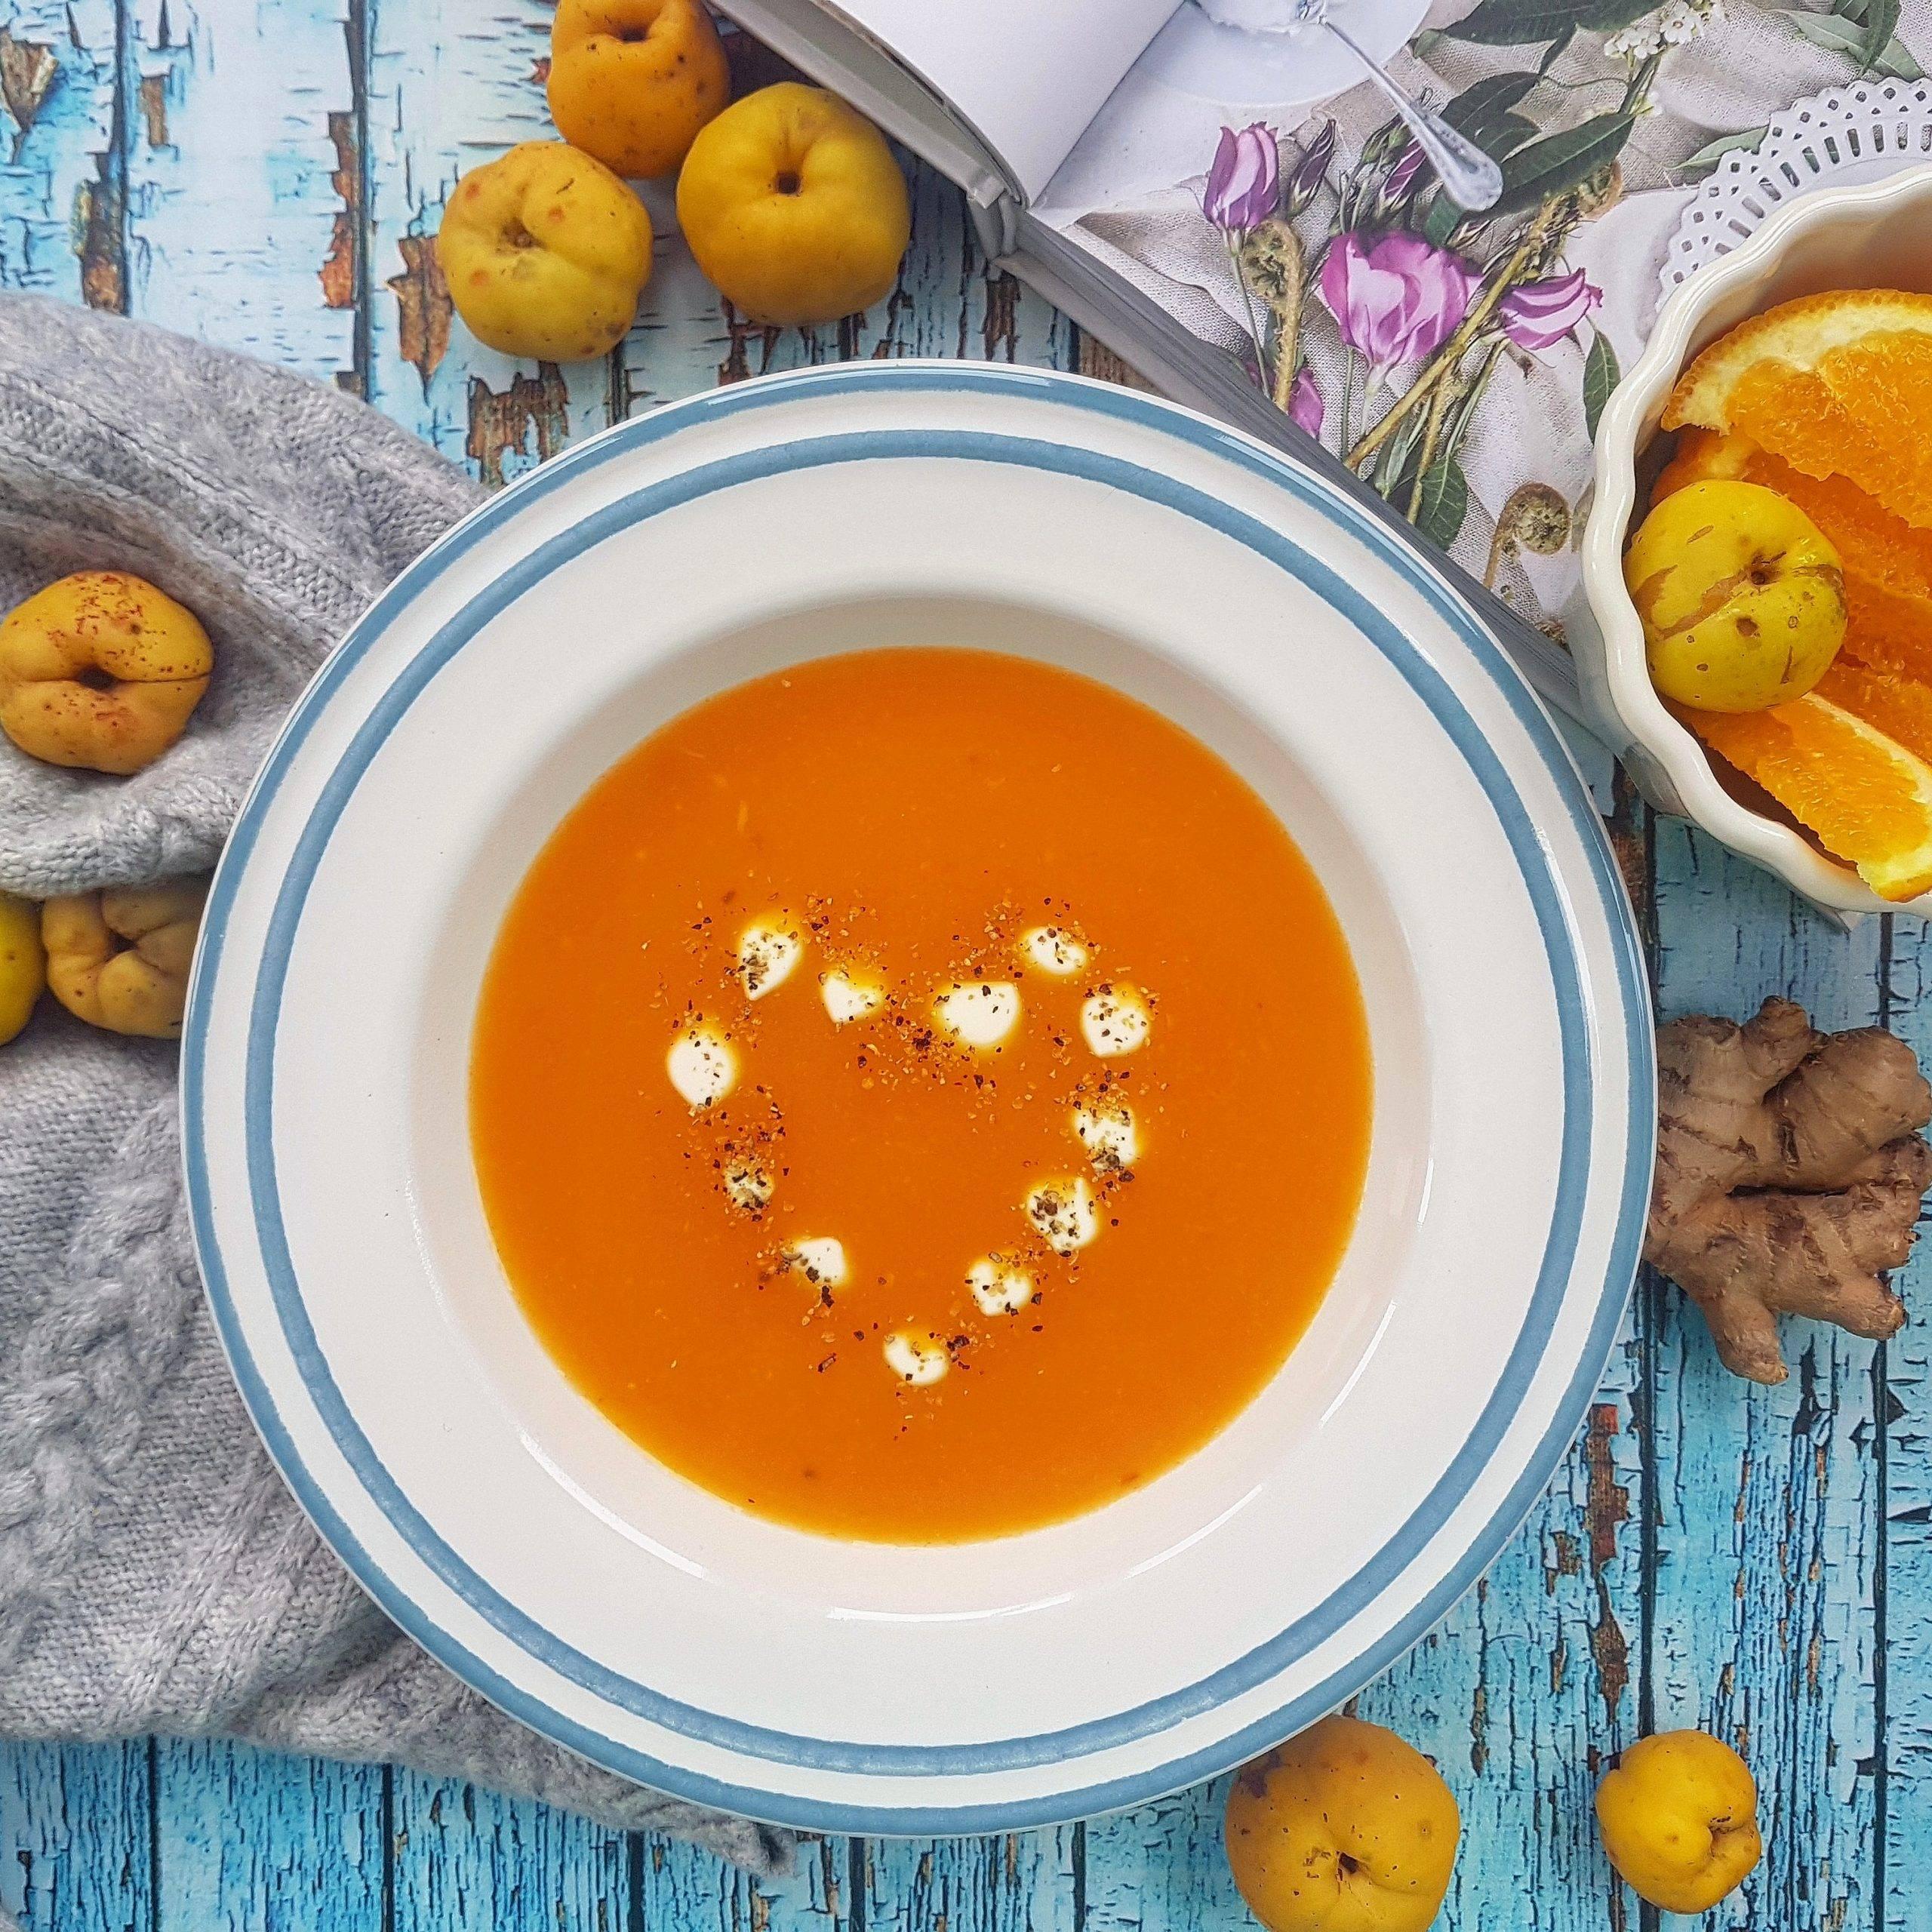 Zupa dyniowa z pigwą, imbirem i pomarańczą. Pigwa - przepis Agnieszki Żelazko.